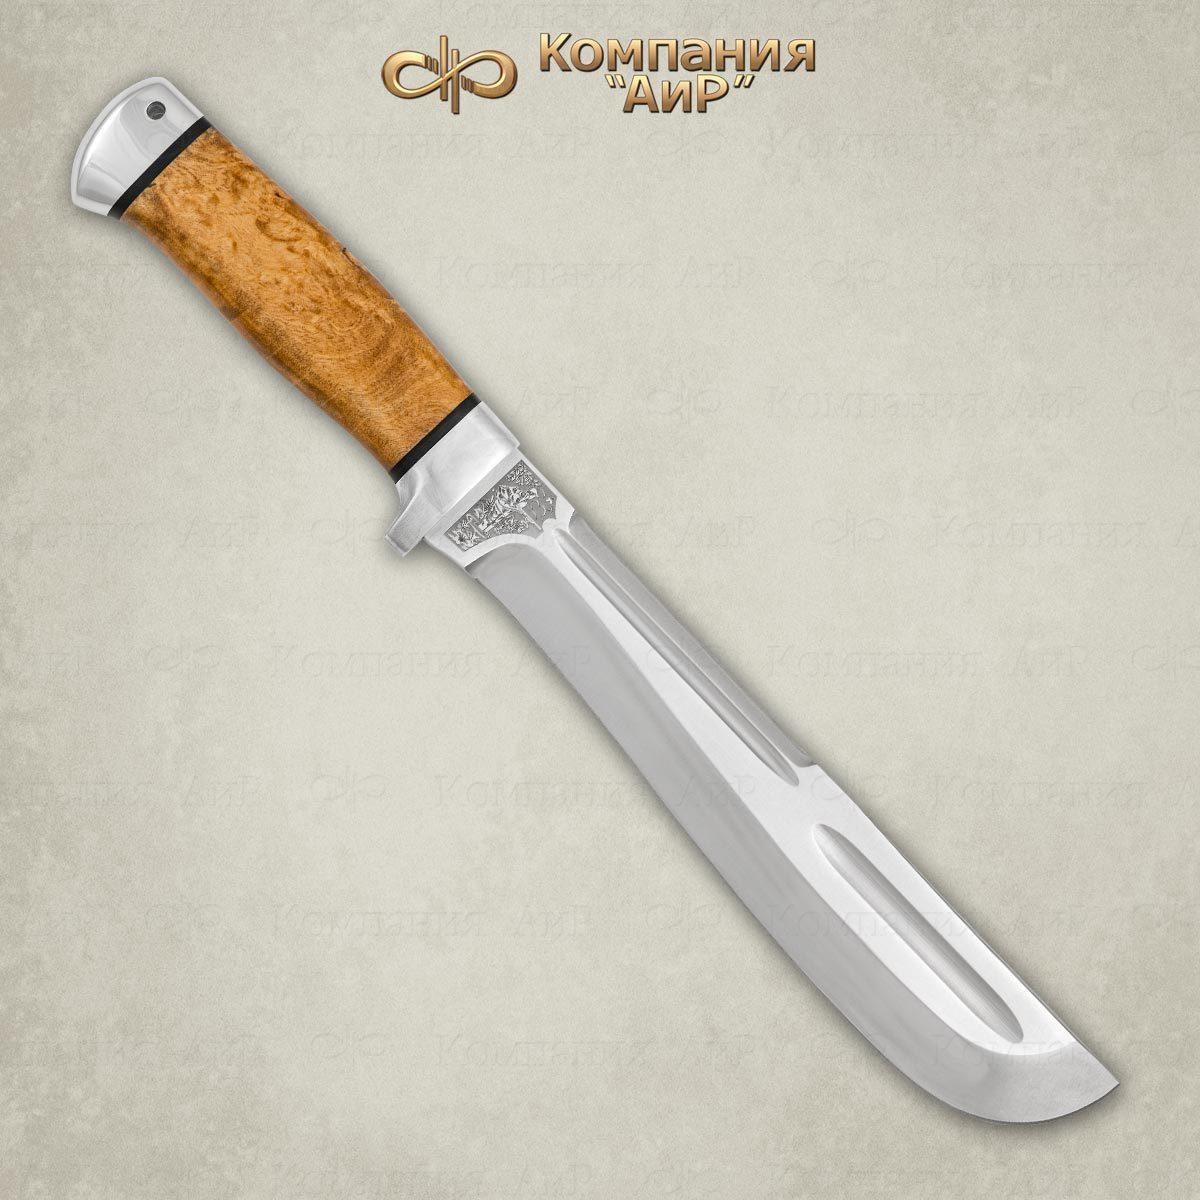 Мачете разделочный АиР Ицыл мачете, сталь 95х18, рукоять карельская береза мачете zombie killer